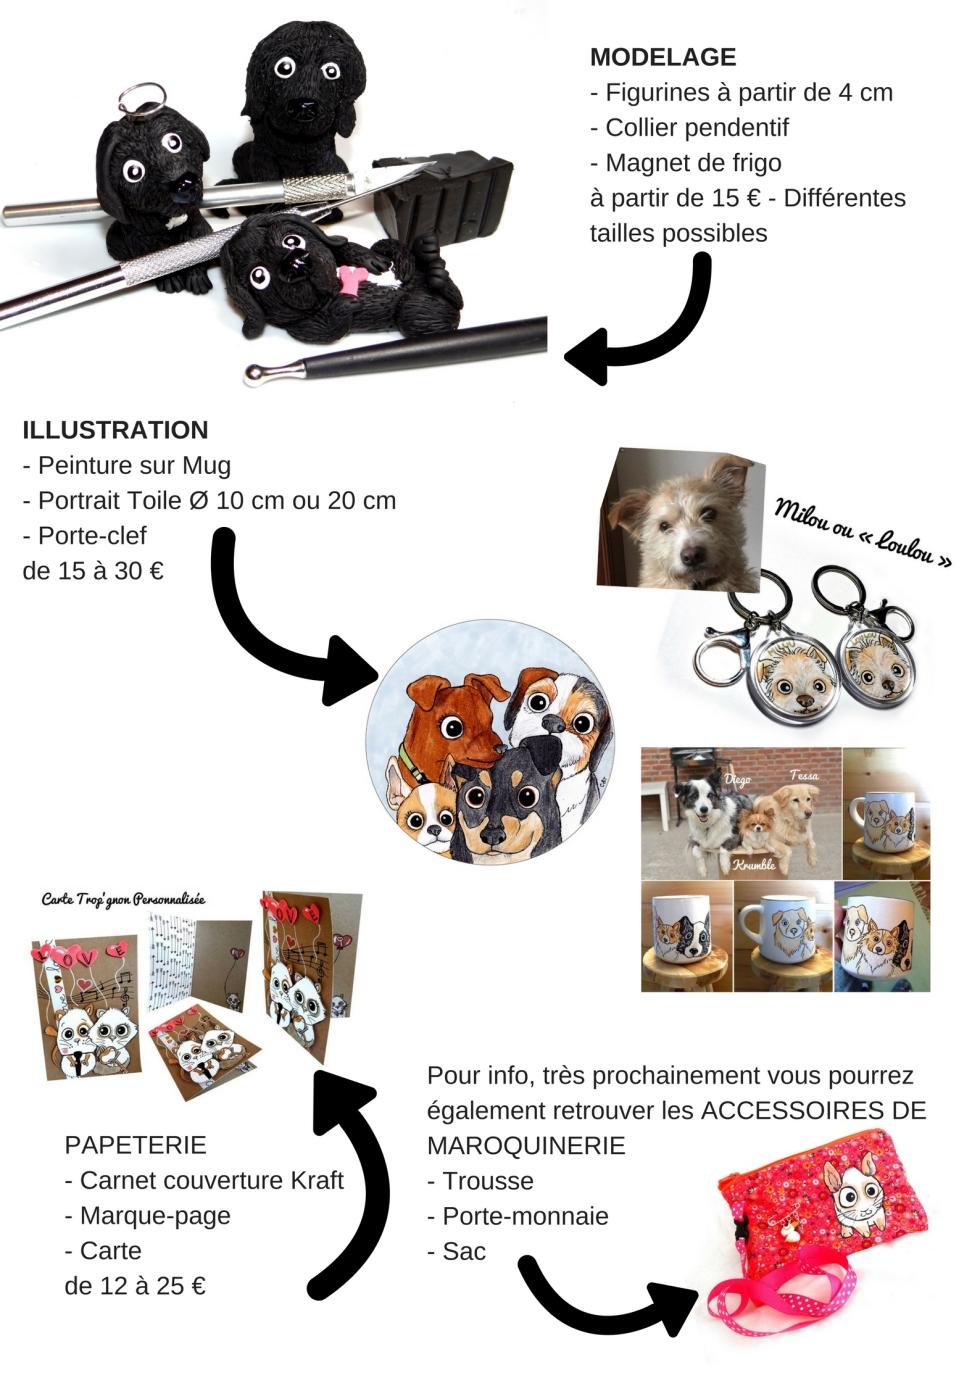 MODELAGE- Figurines à partir de 4 cm- Collier pendentif- Magnet de frigoà partir de 15 € - Différentes tailles possibles.jpg